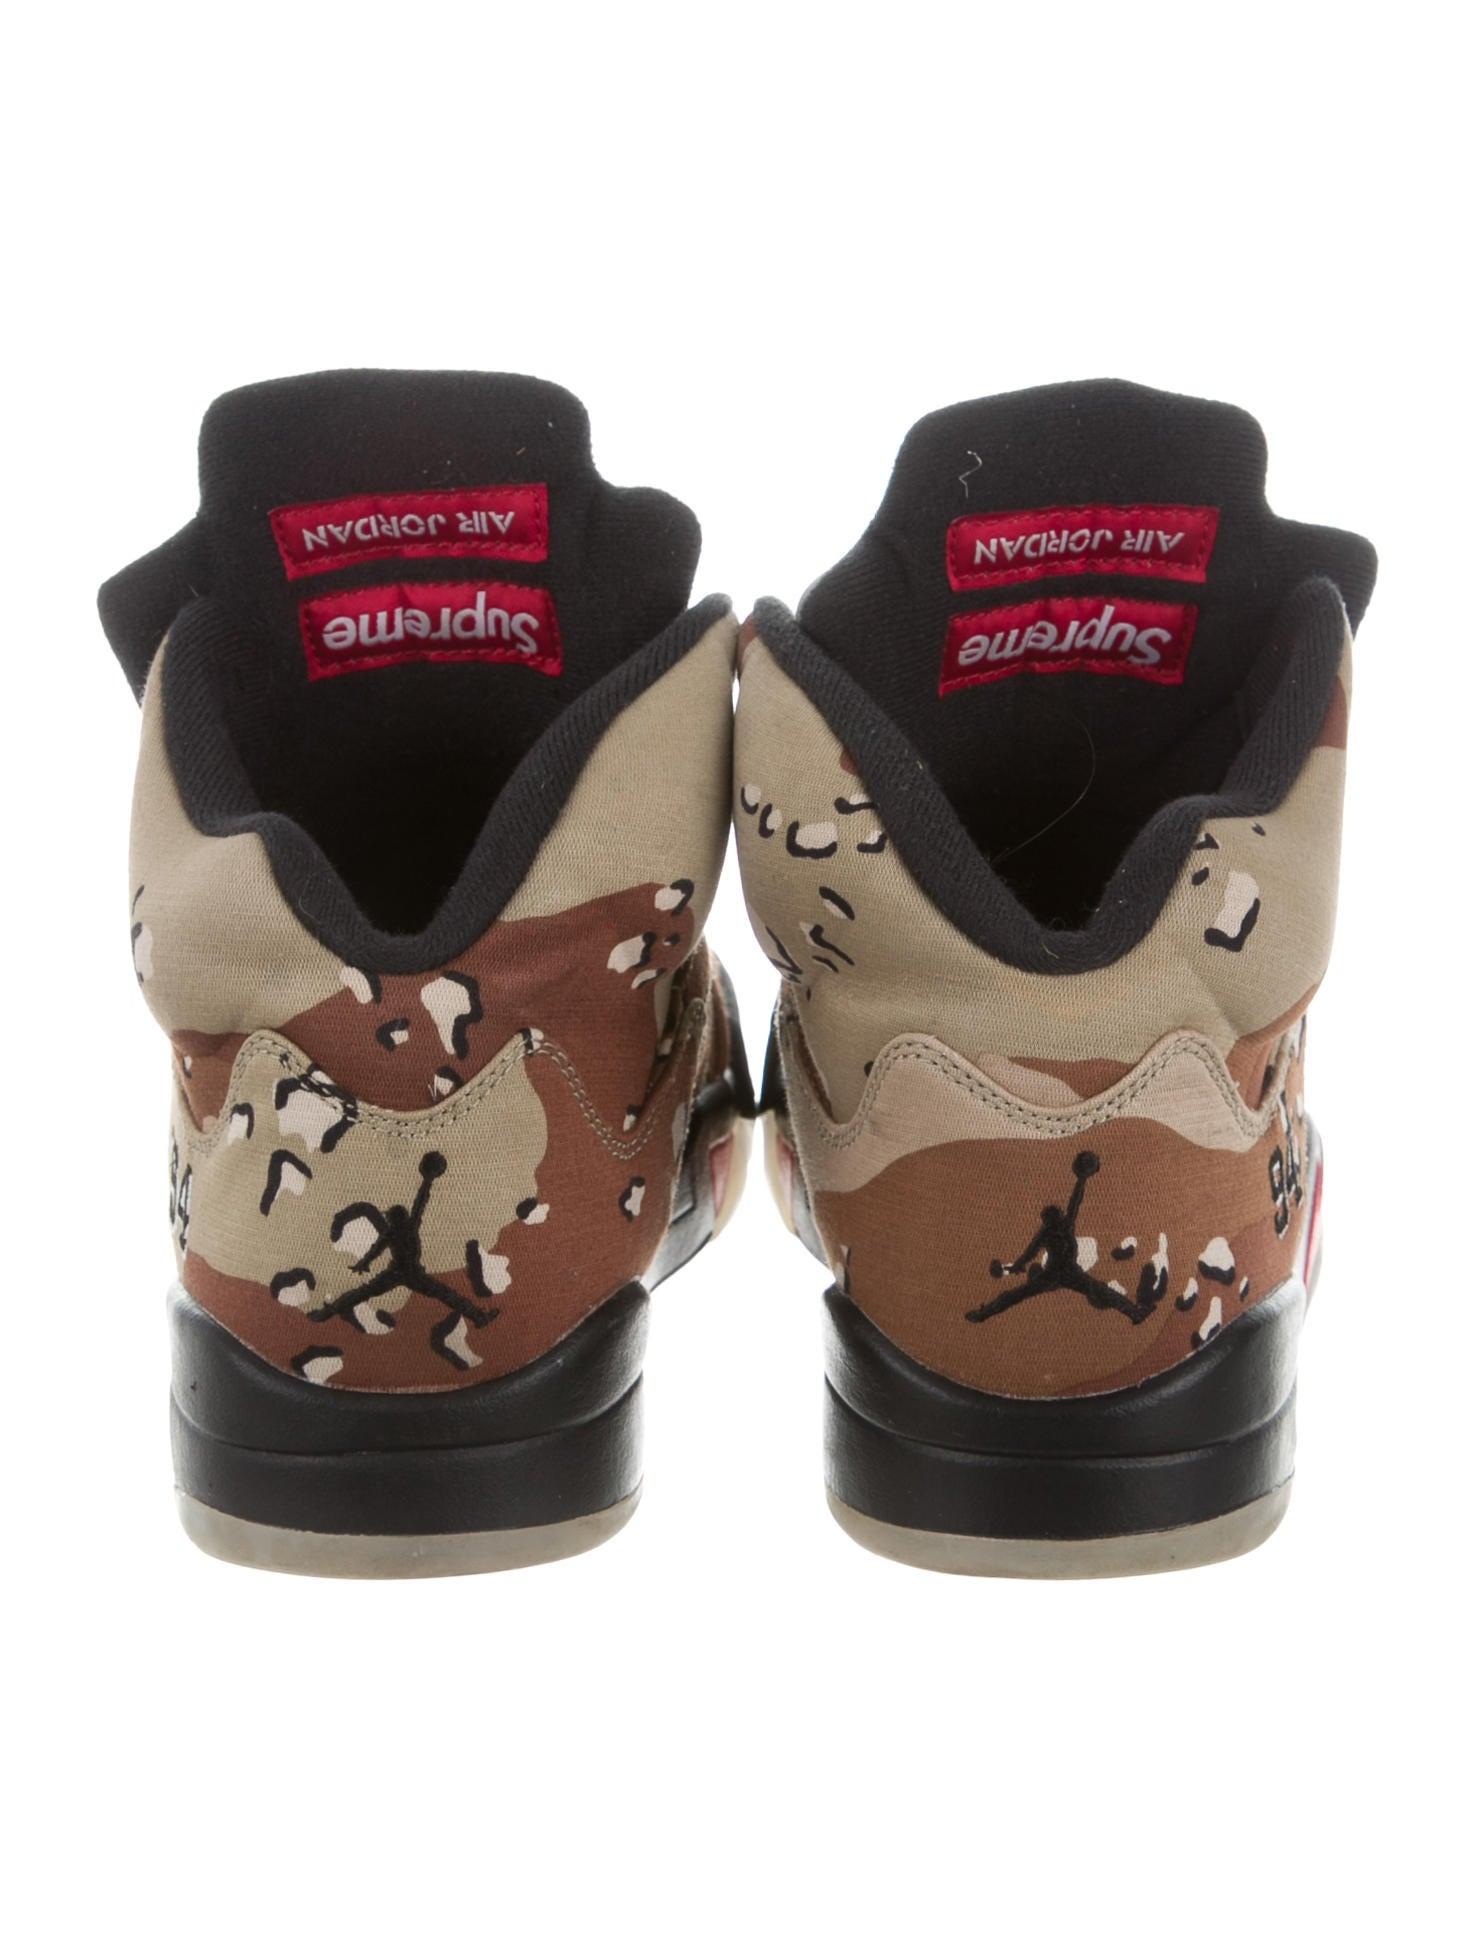 Nike Air Jordan 5 Retro Supreme Sneakers Shoes